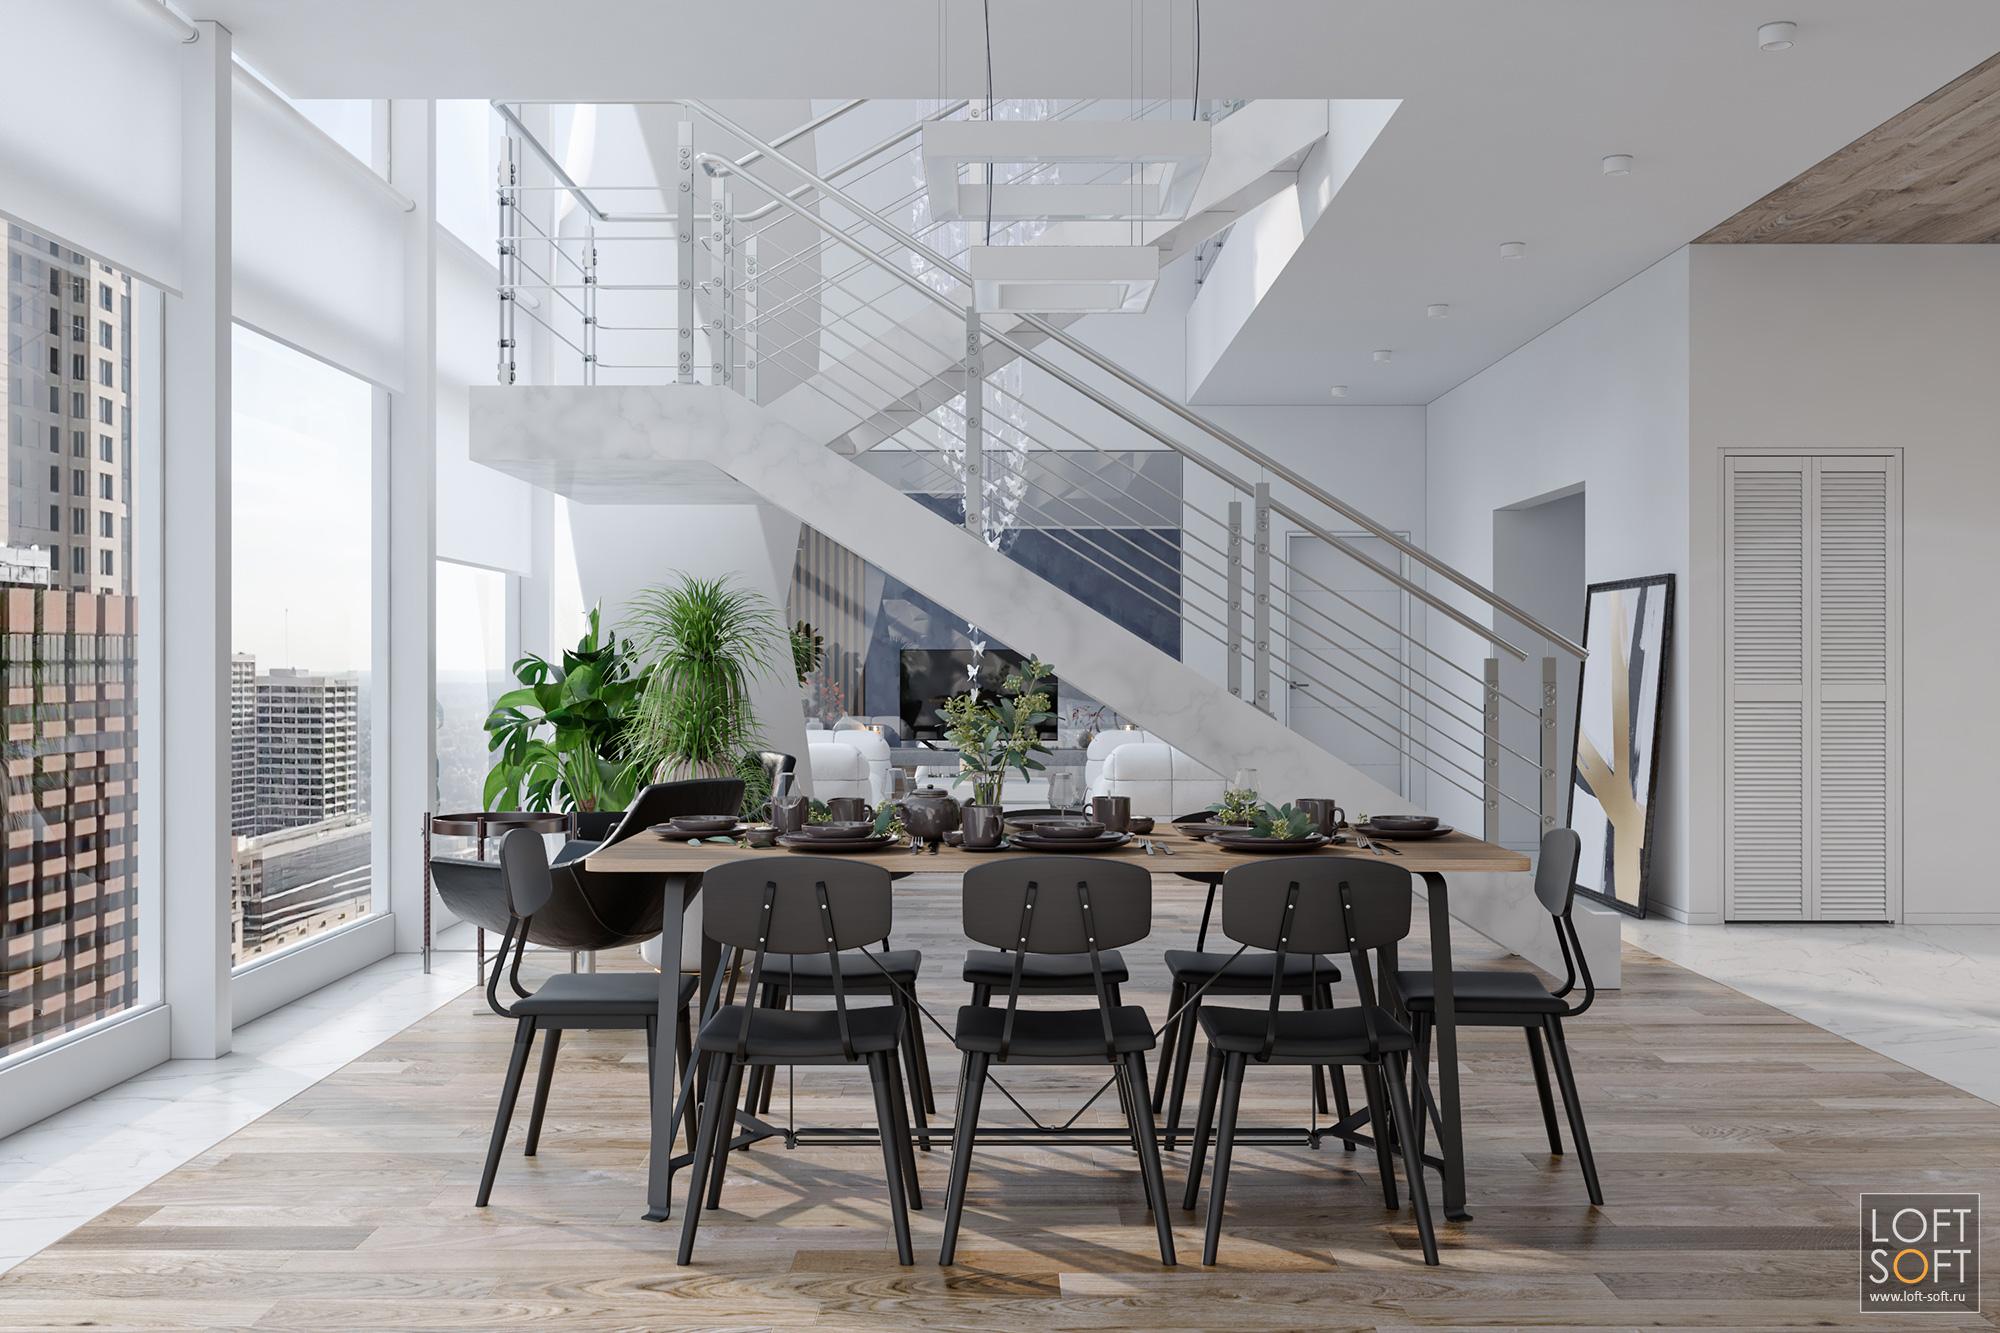 Современный дизайн дома. Белый интерьер. Мраморная лестница навторой этаж.